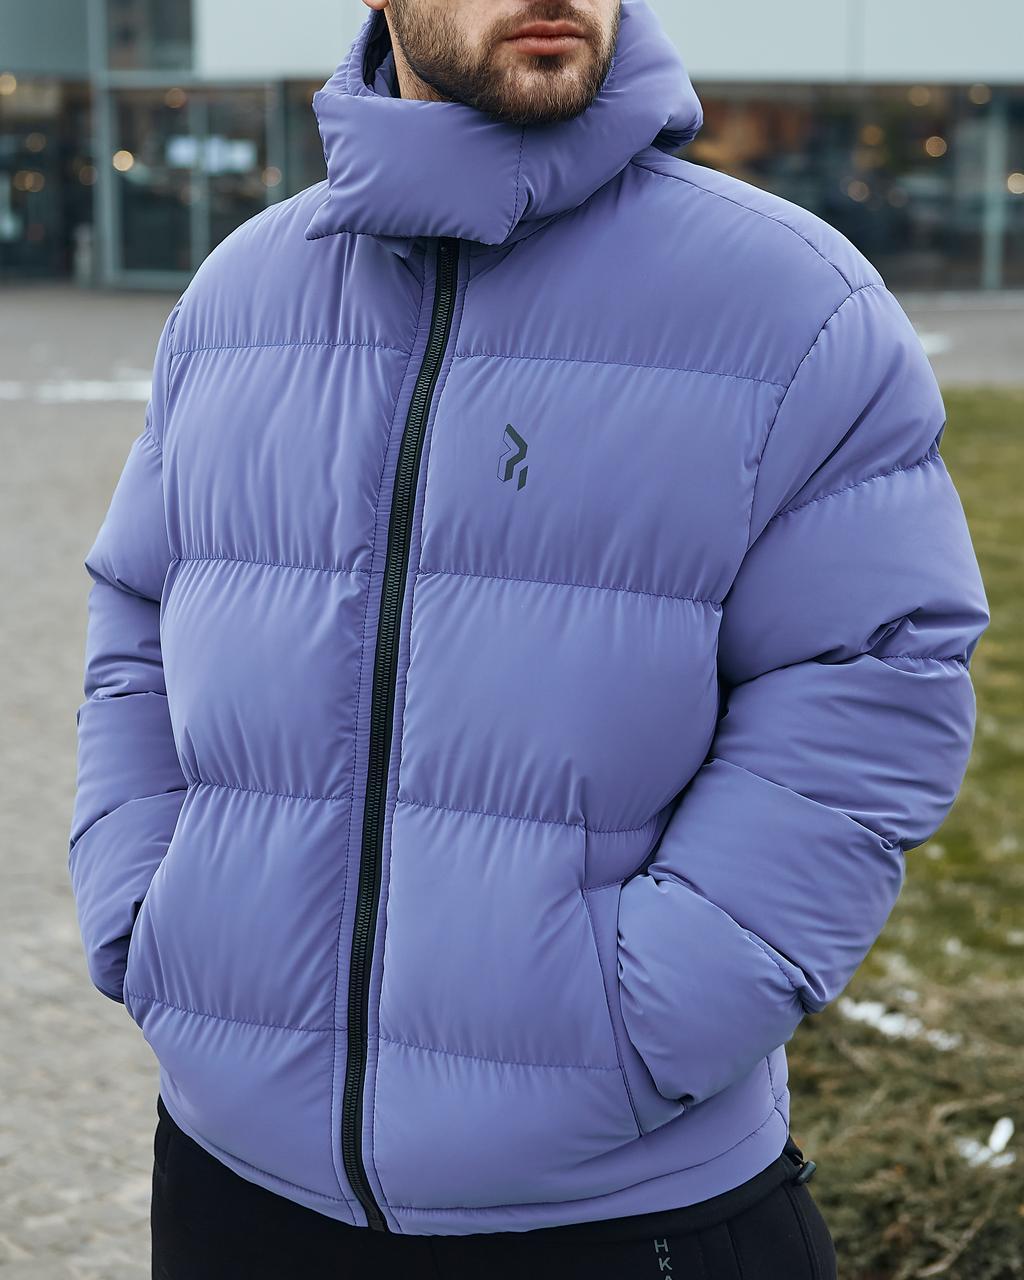 Зимняя мужская куртка Пушка Огонь Homie Silk лунный индиго